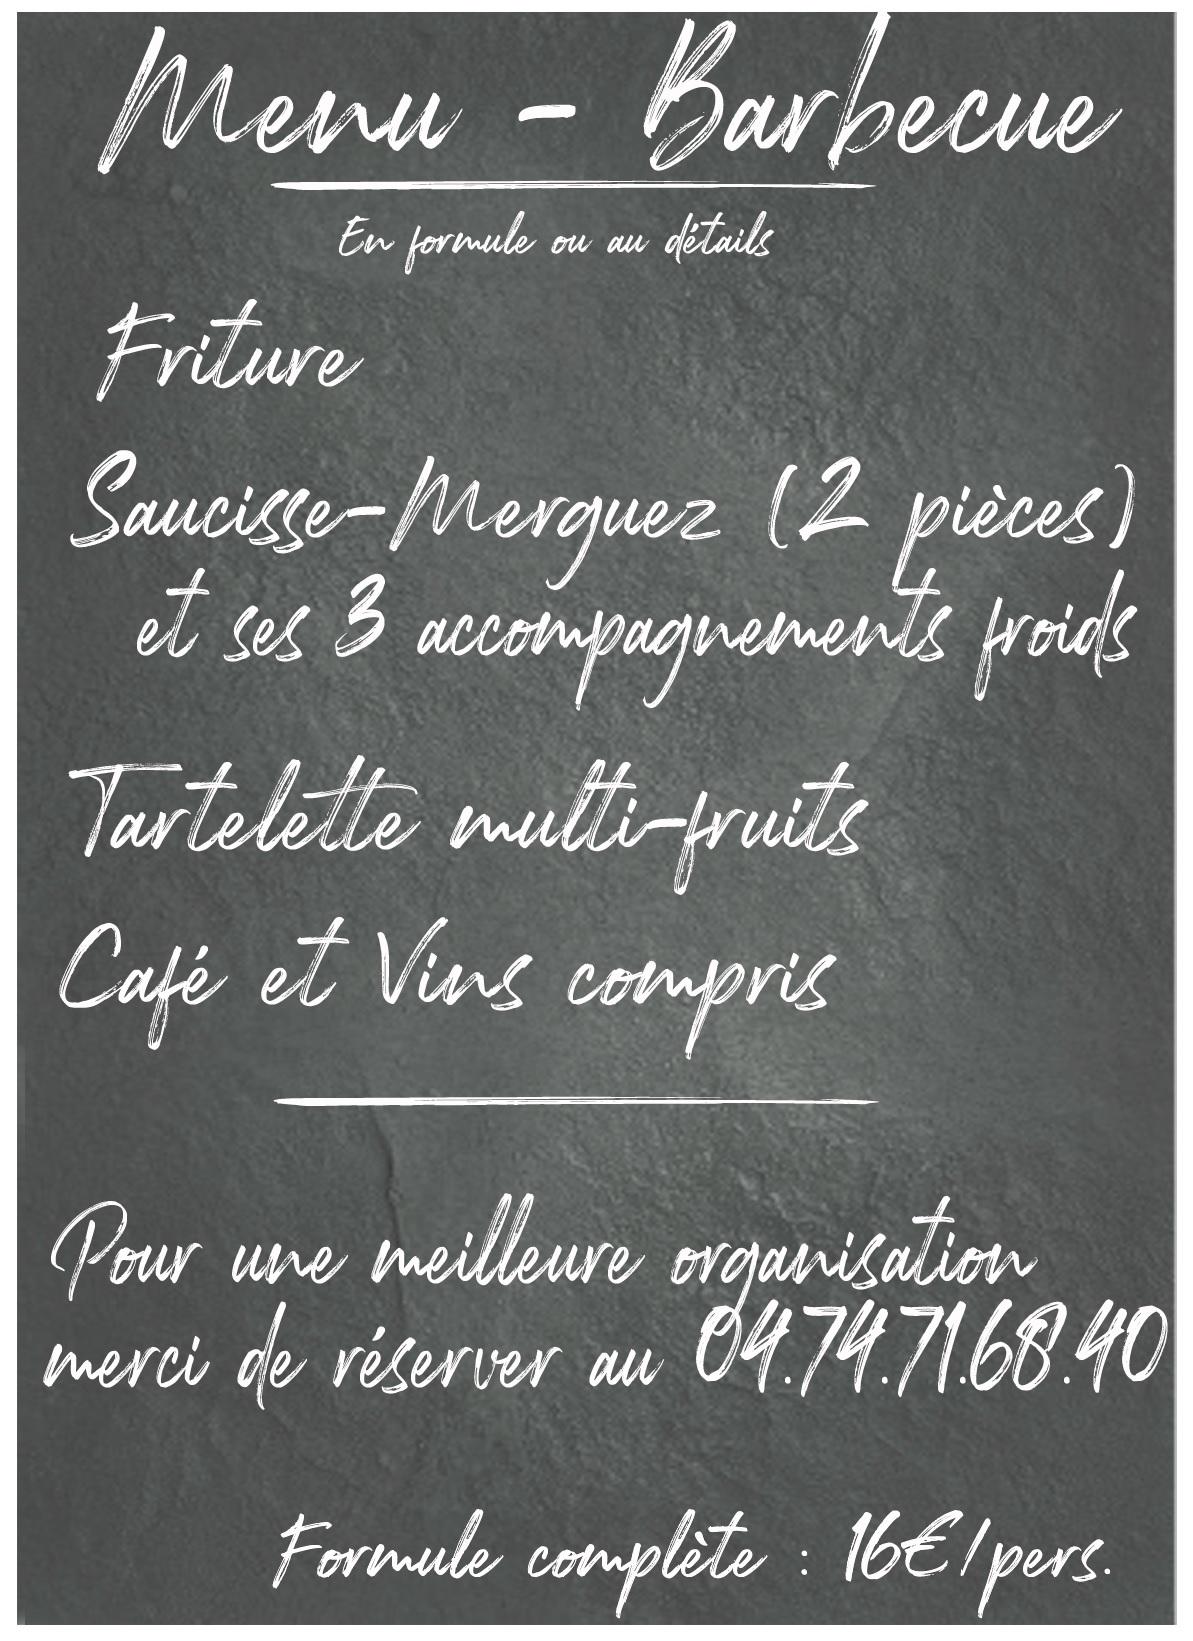 Menu- Invitation Barbecue Chateau Pertonnieres Beaujolais Dupeuble 2021